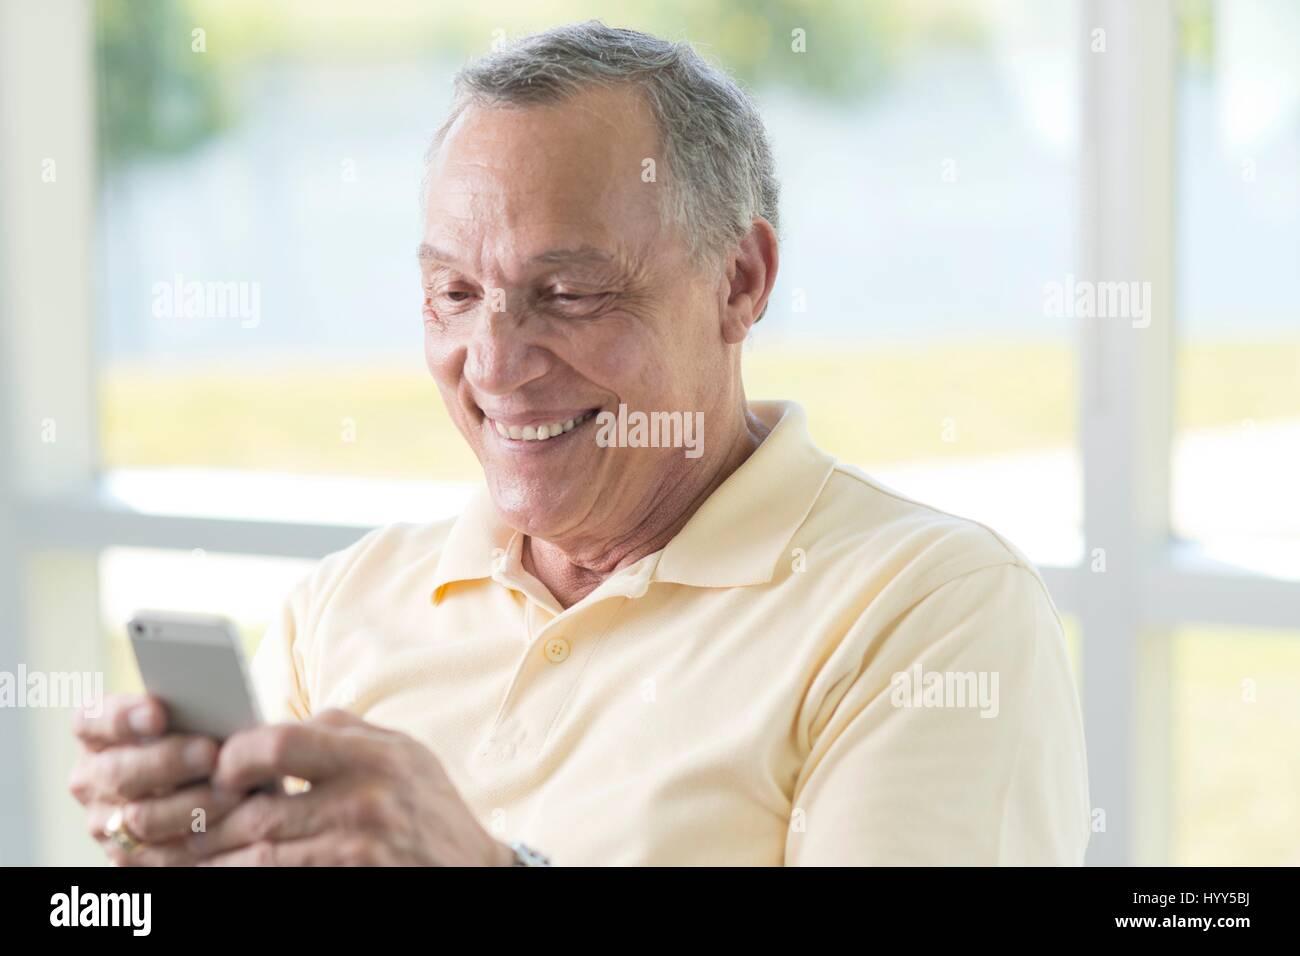 El hombre superior mediante teléfono celular. Imagen De Stock